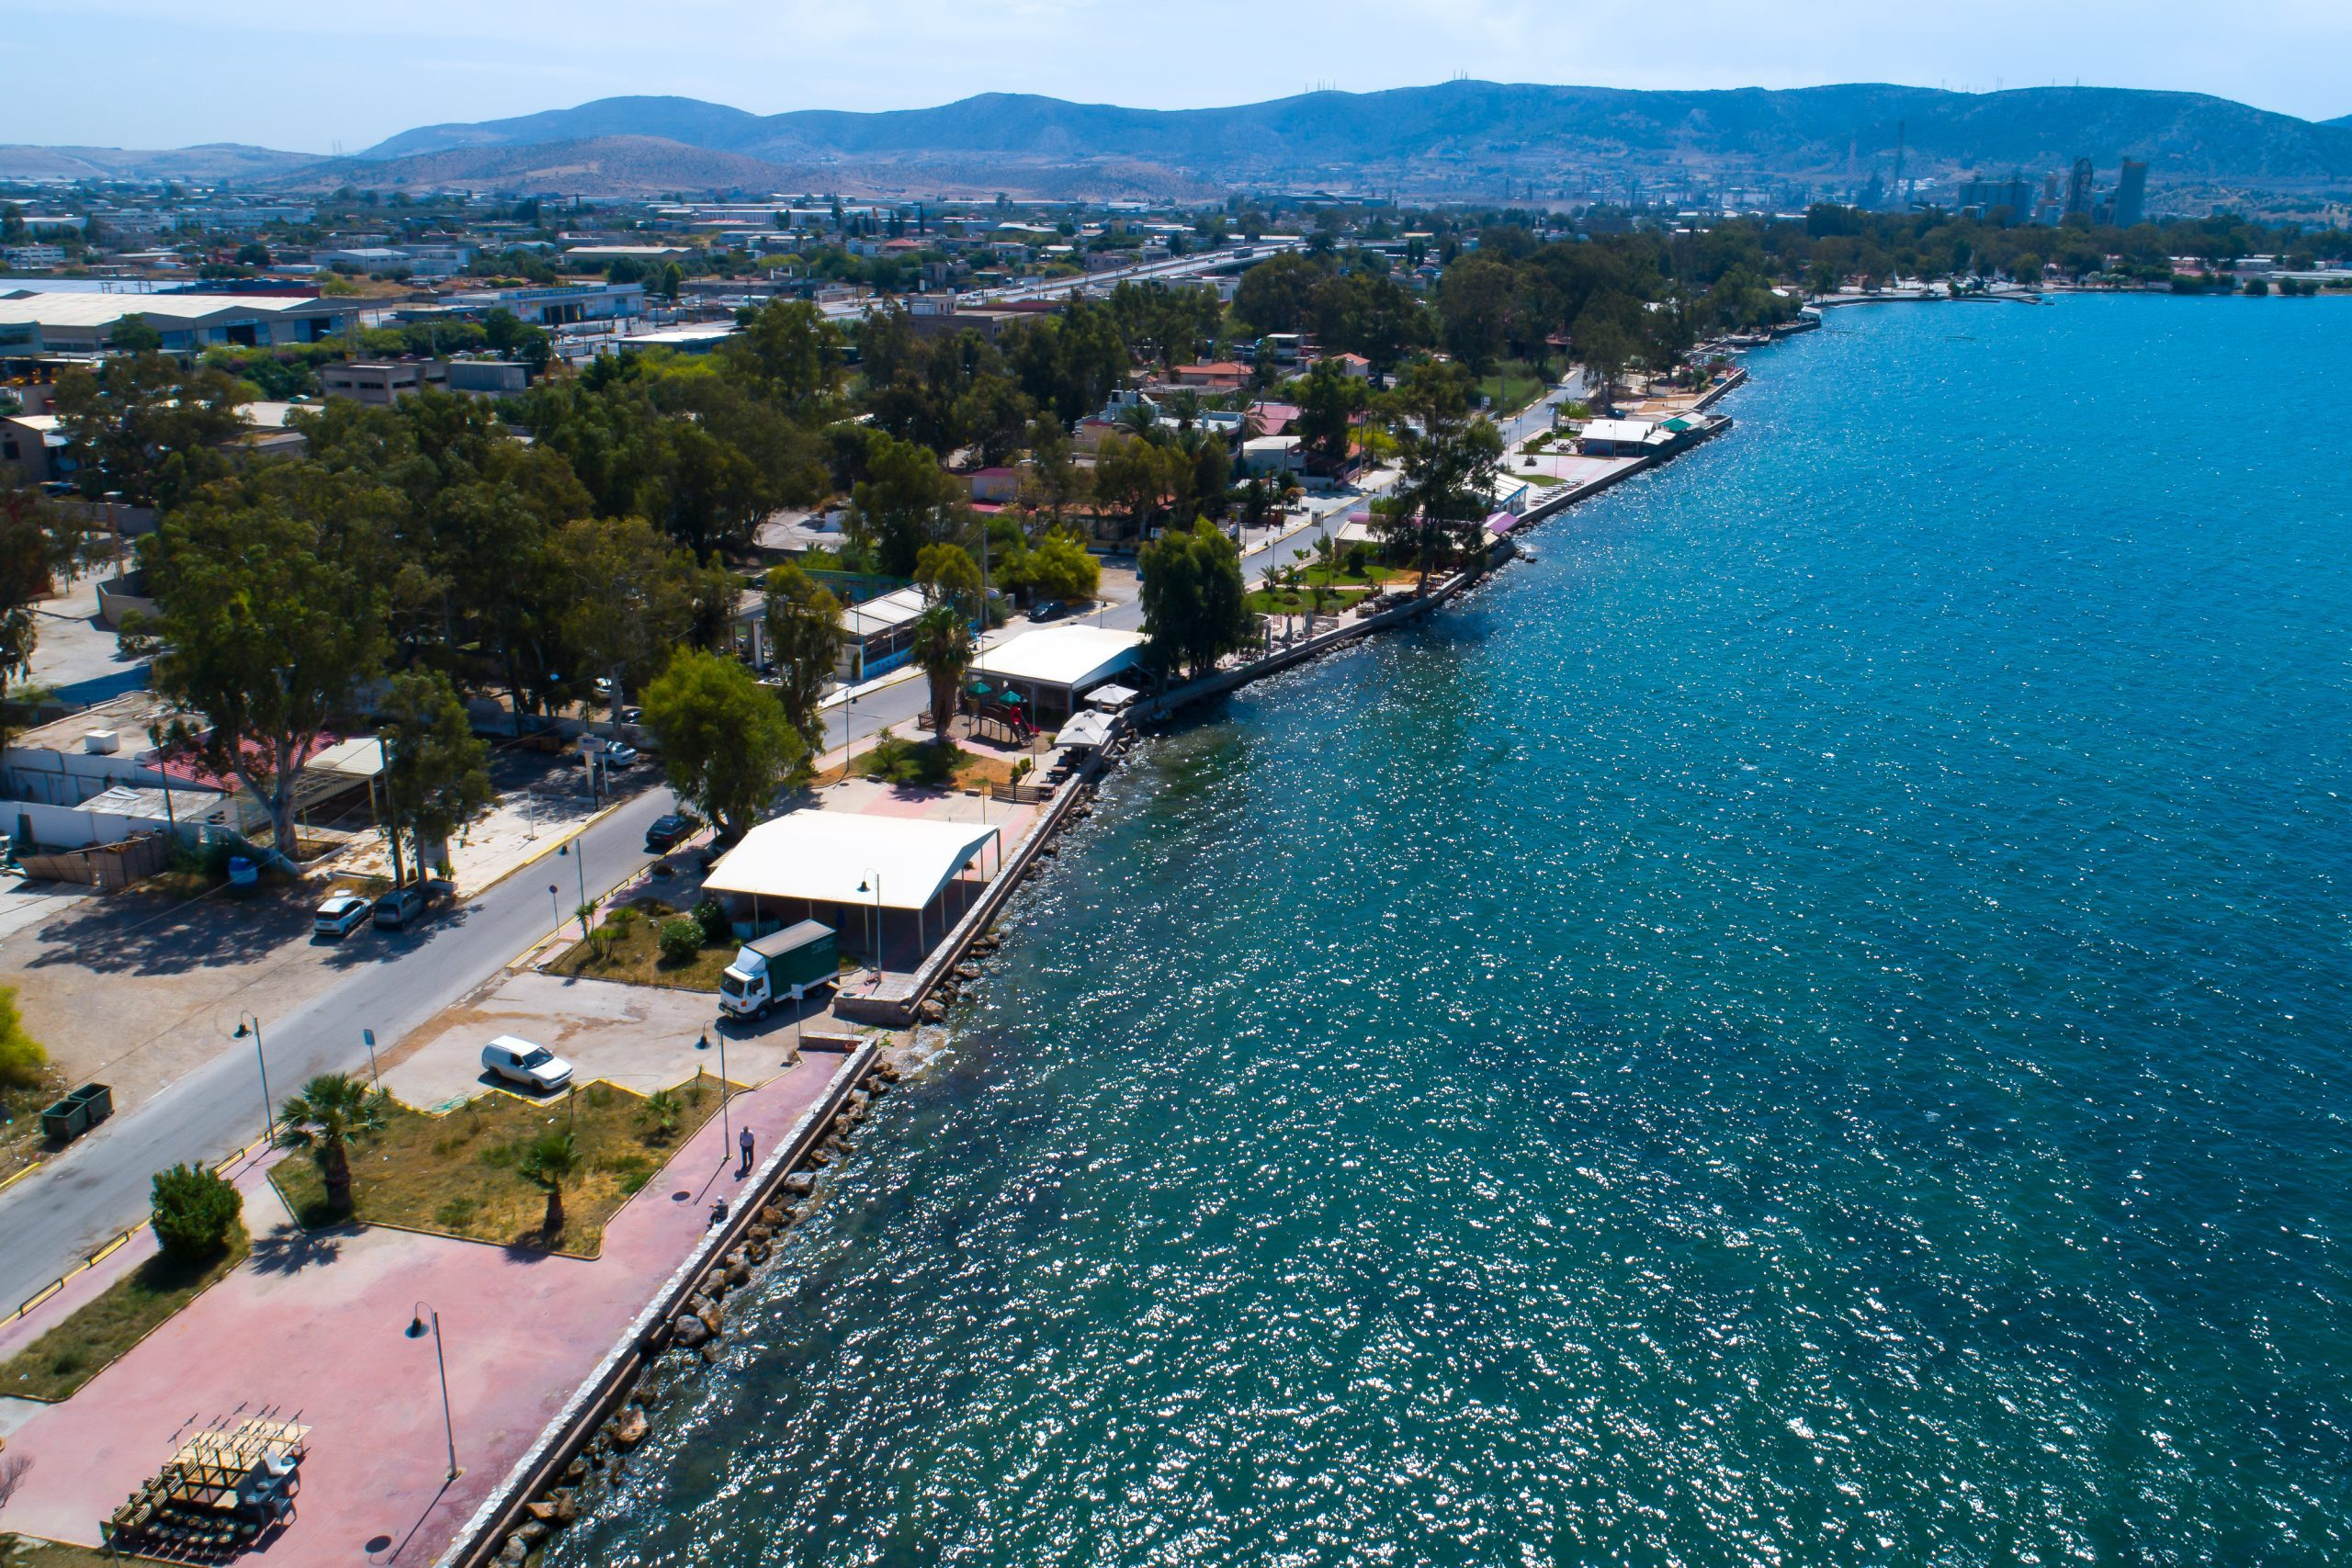 Ολοκληρώθηκε ο επανακαθορισμός της ΧZΛ Ελευσίνας με τη δημοσίευση σε ΦΕΚ- Μεγάλες εκτάσεις αποδίδονται στην τοπική κοινωνία για κοινόχρηστο και κοινωφελή σκοπό